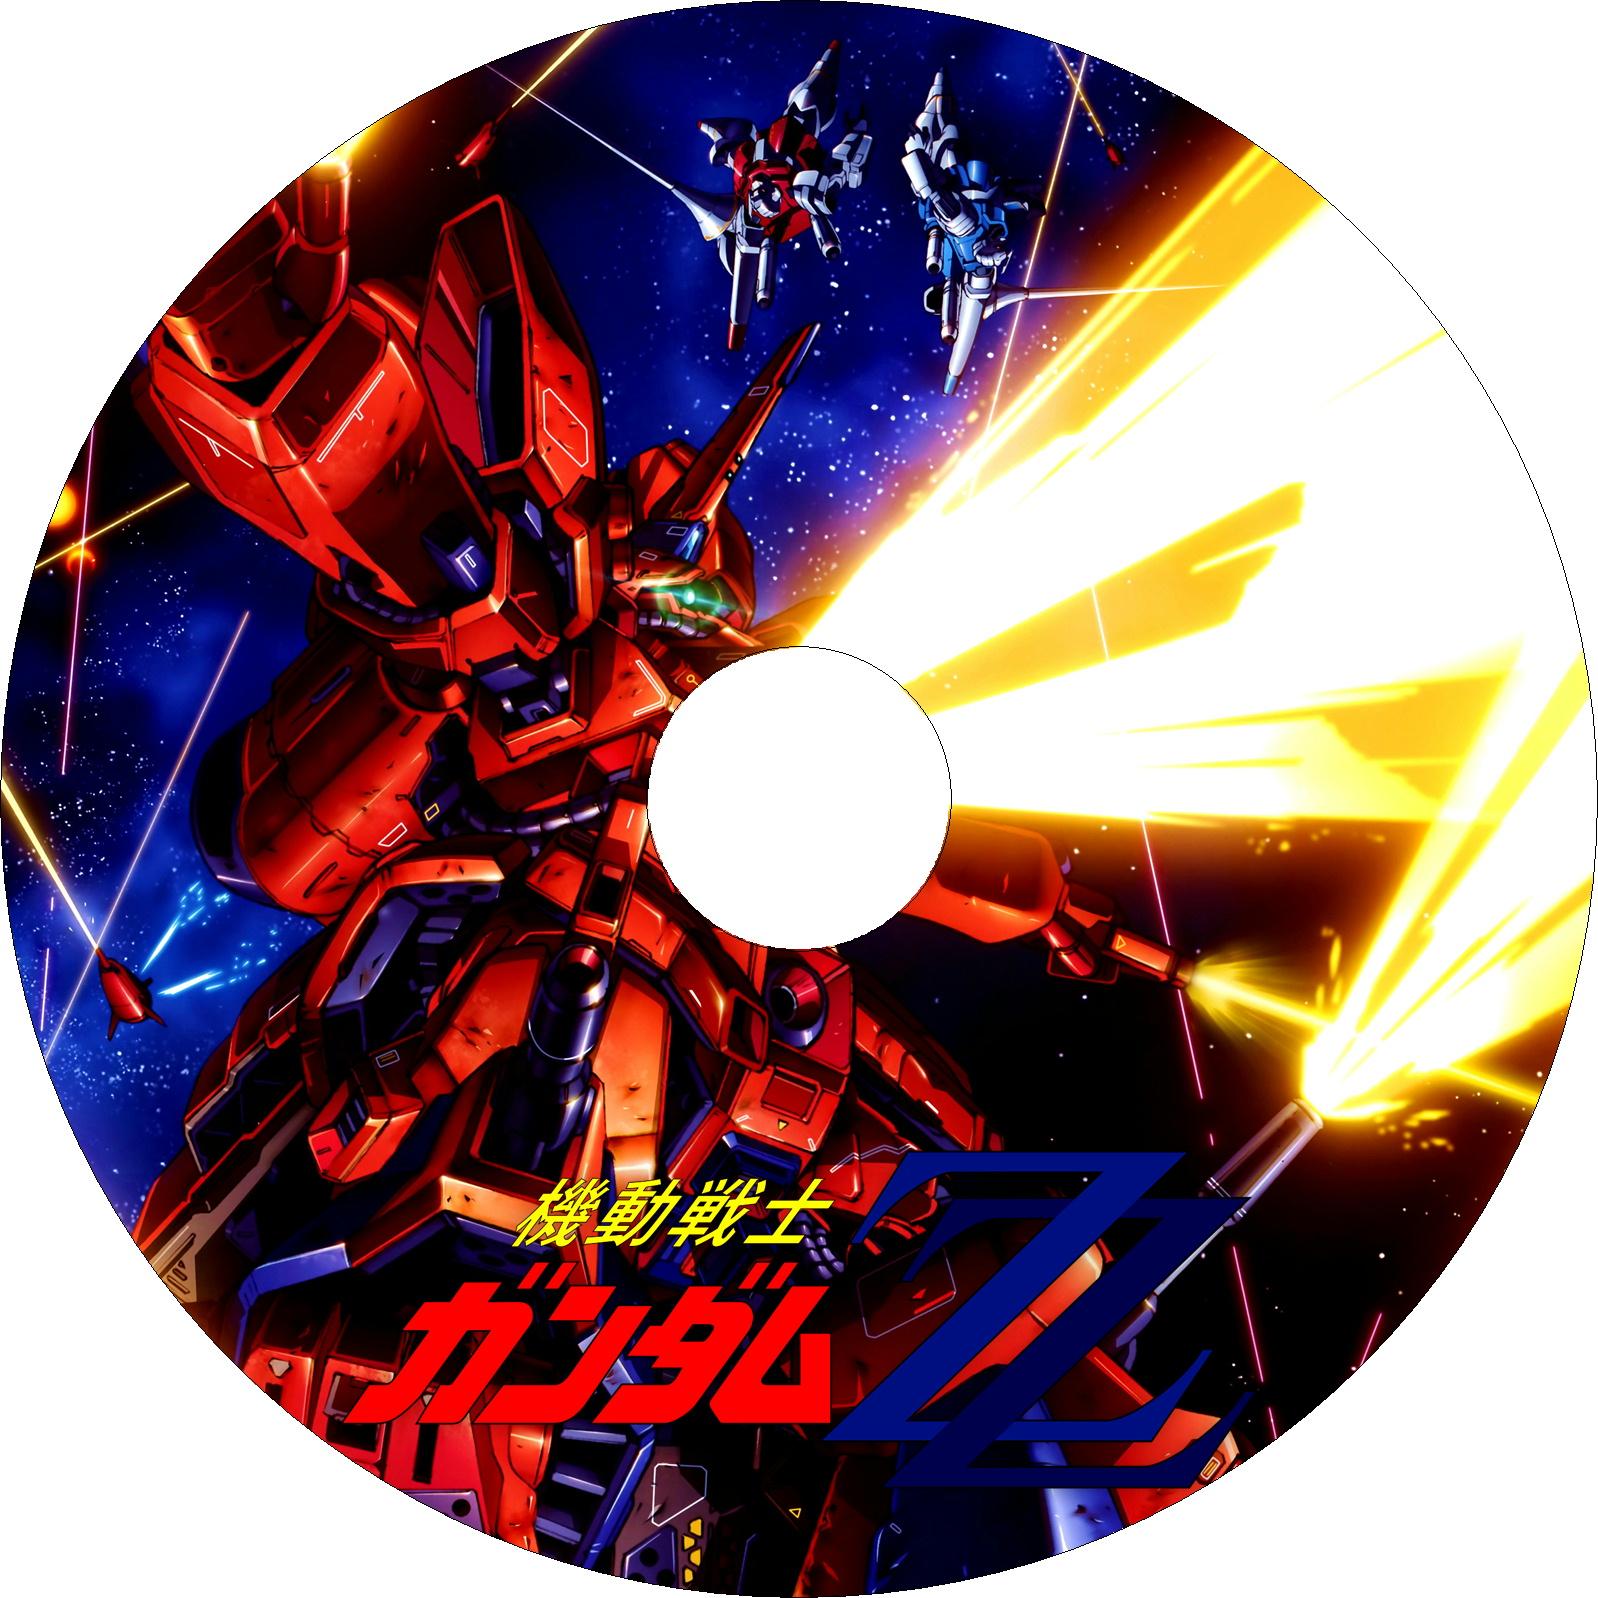 機動戦士ガンダムΖΖ ラベル(汎用)7